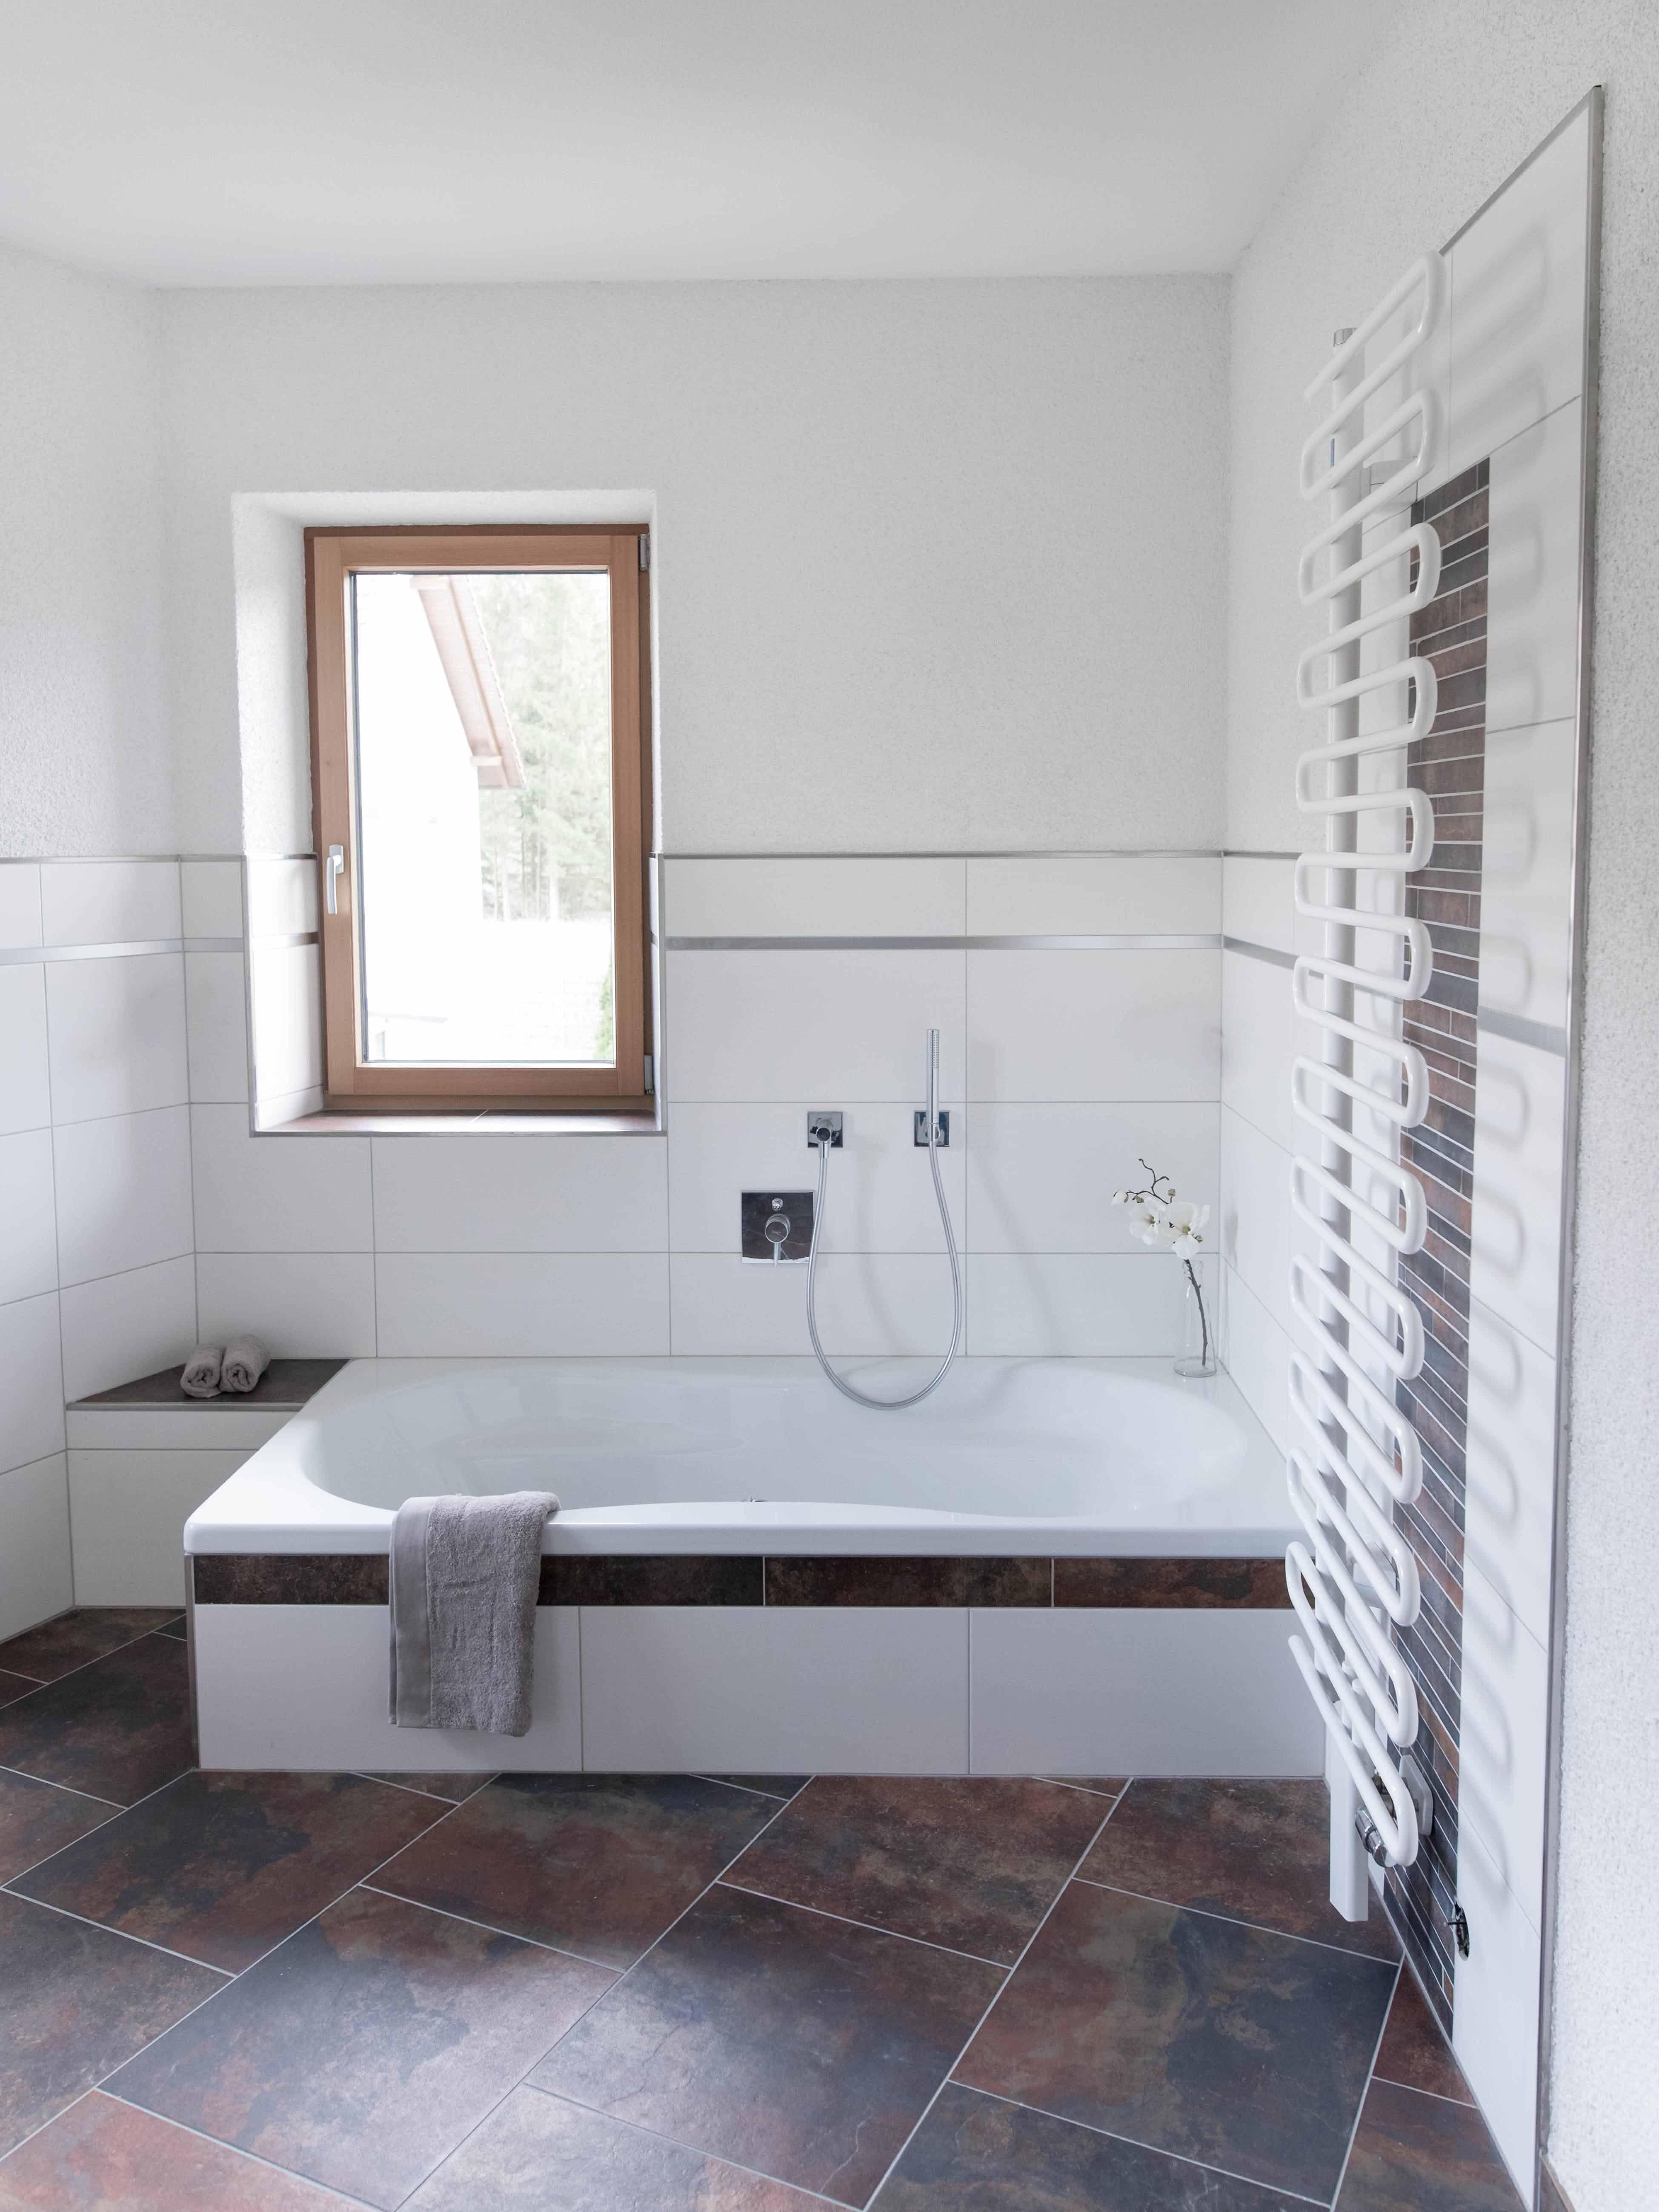 Inspirieren Lassen Auf In 2020 Badezimmer Innenausstattung Badewanne Ideen Und Bad Design